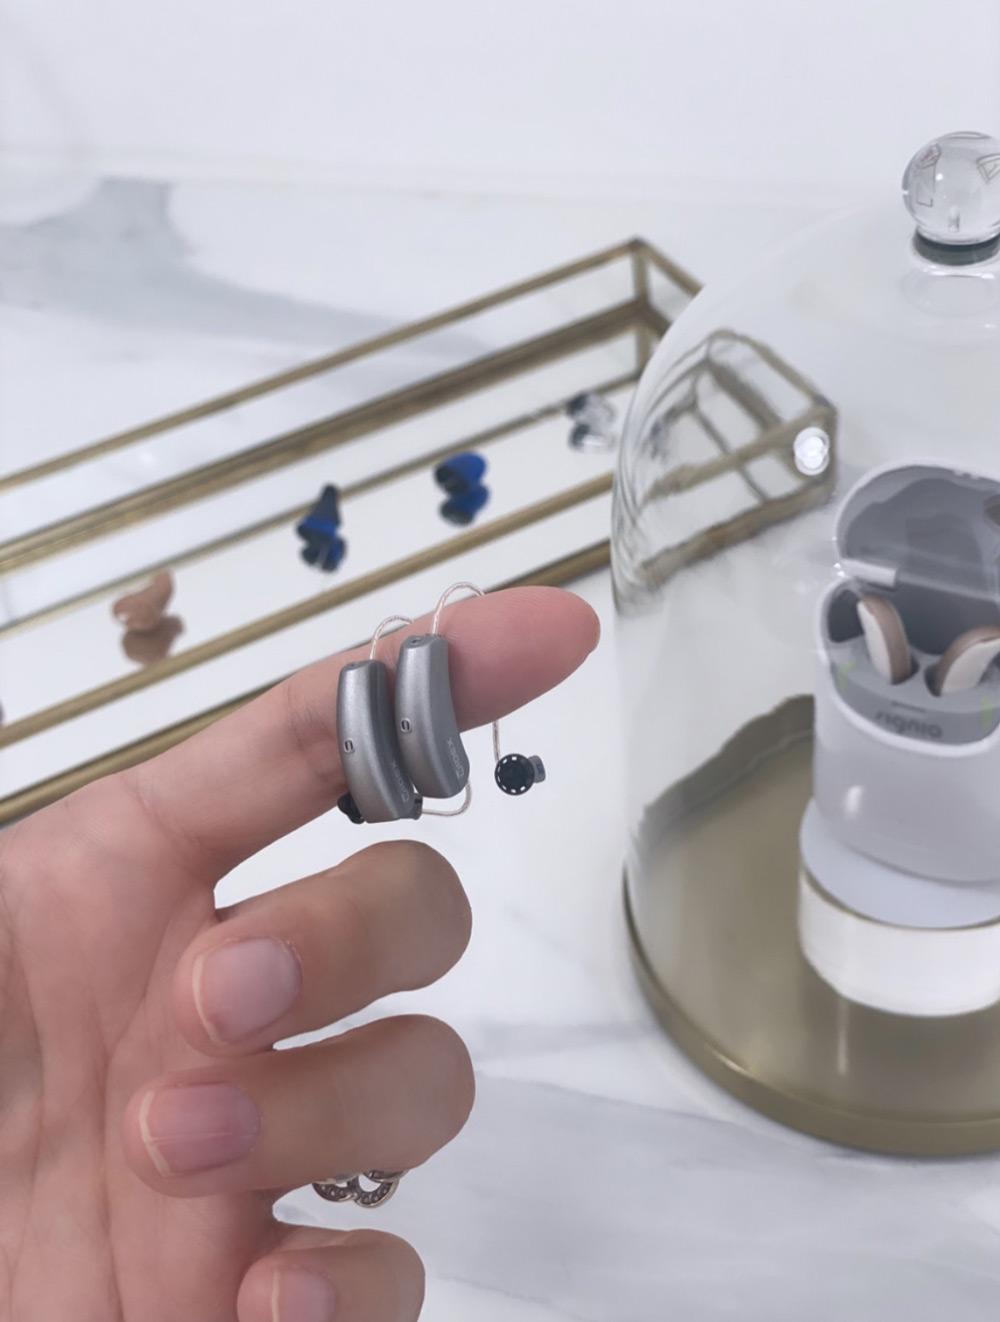 boutique_audioprothesiste_appareil-auditif_prothese-auditive_rechargeable_connecte_bilan_test_protection_surmesure-enTT_test-slider01